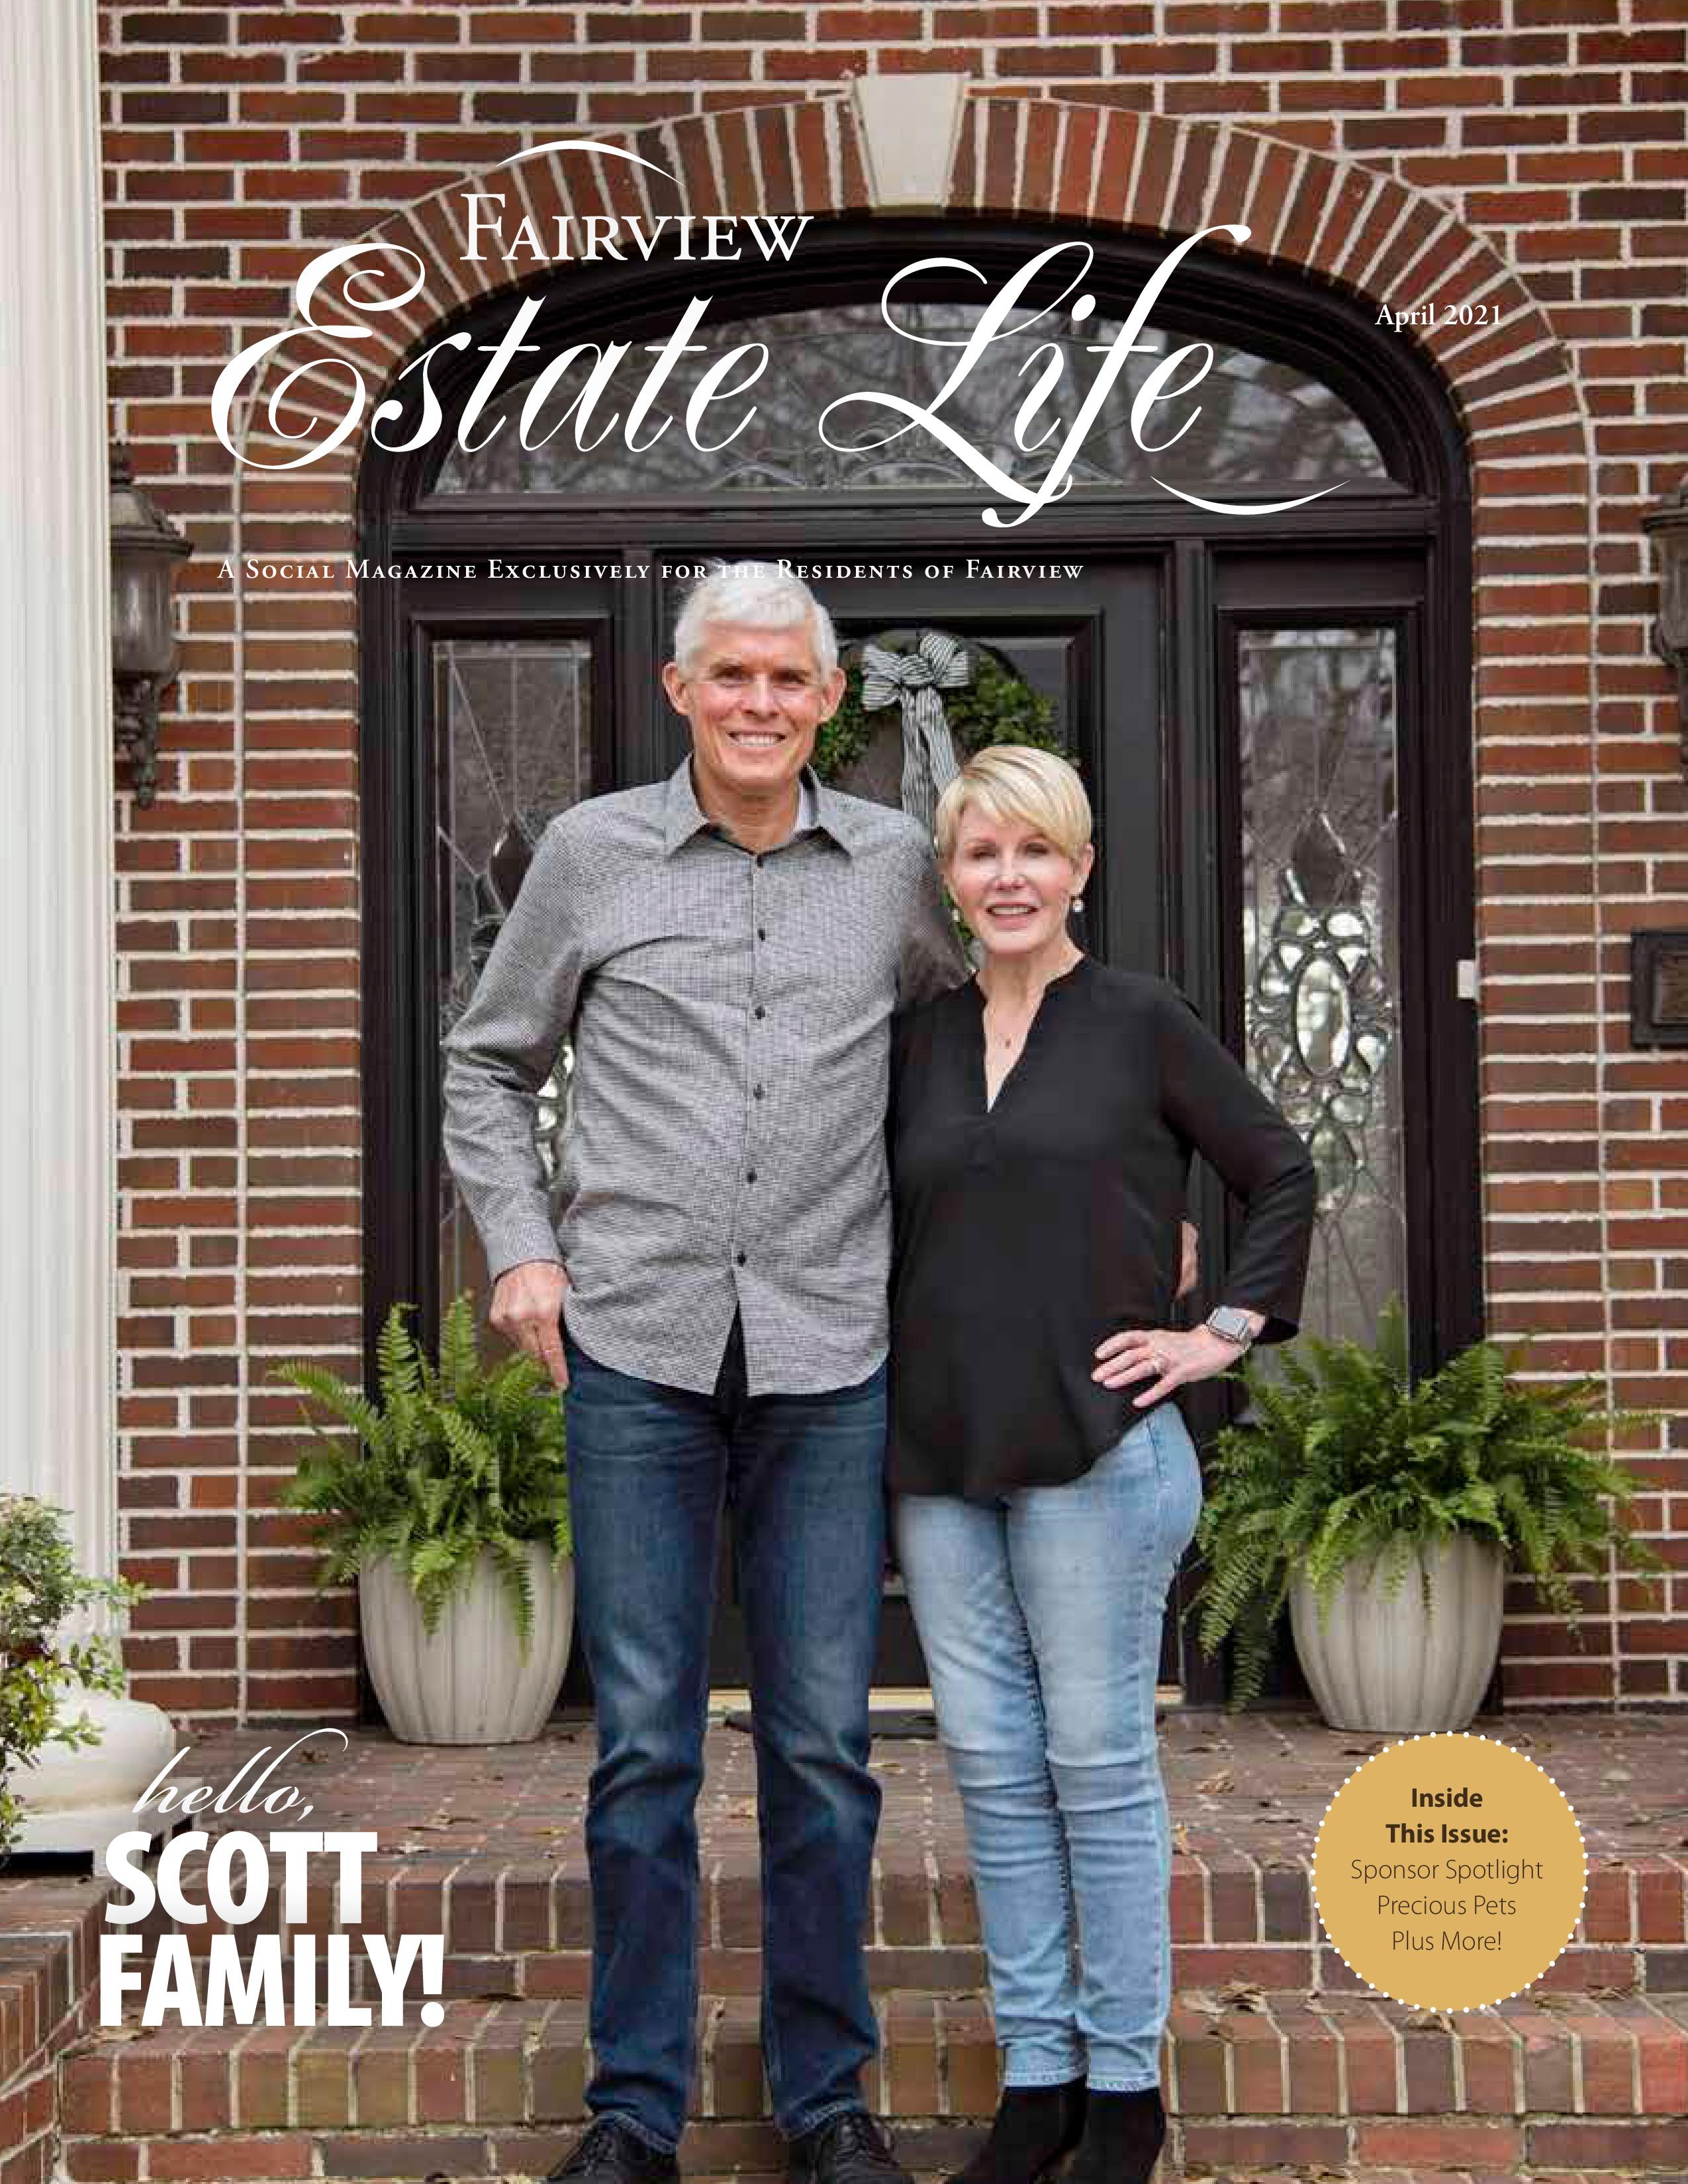 Fairview Estate Life 2021-04-01